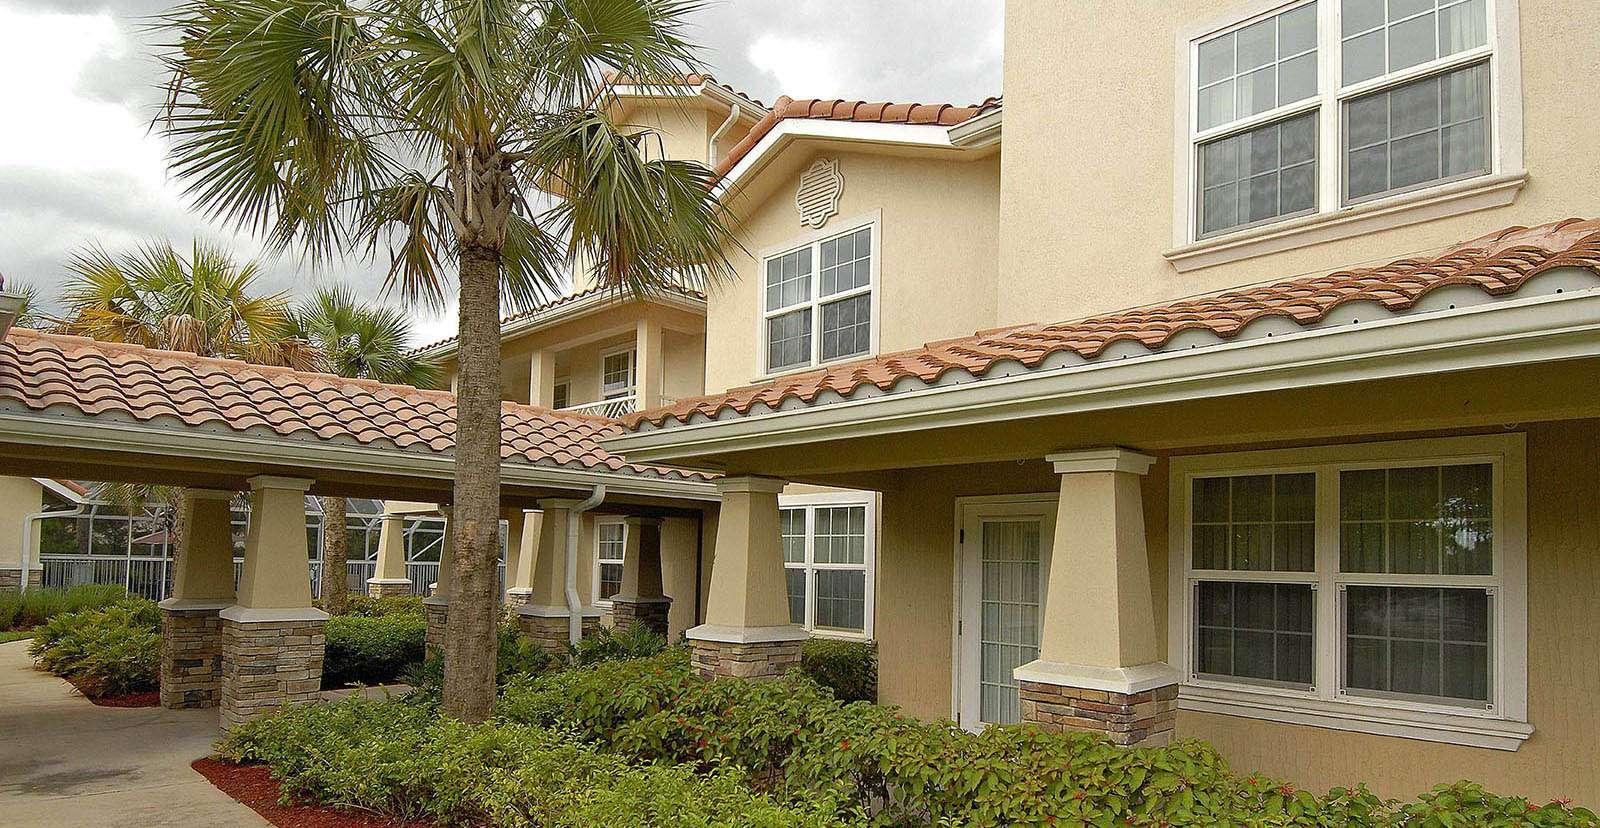 Windward Palms image 5